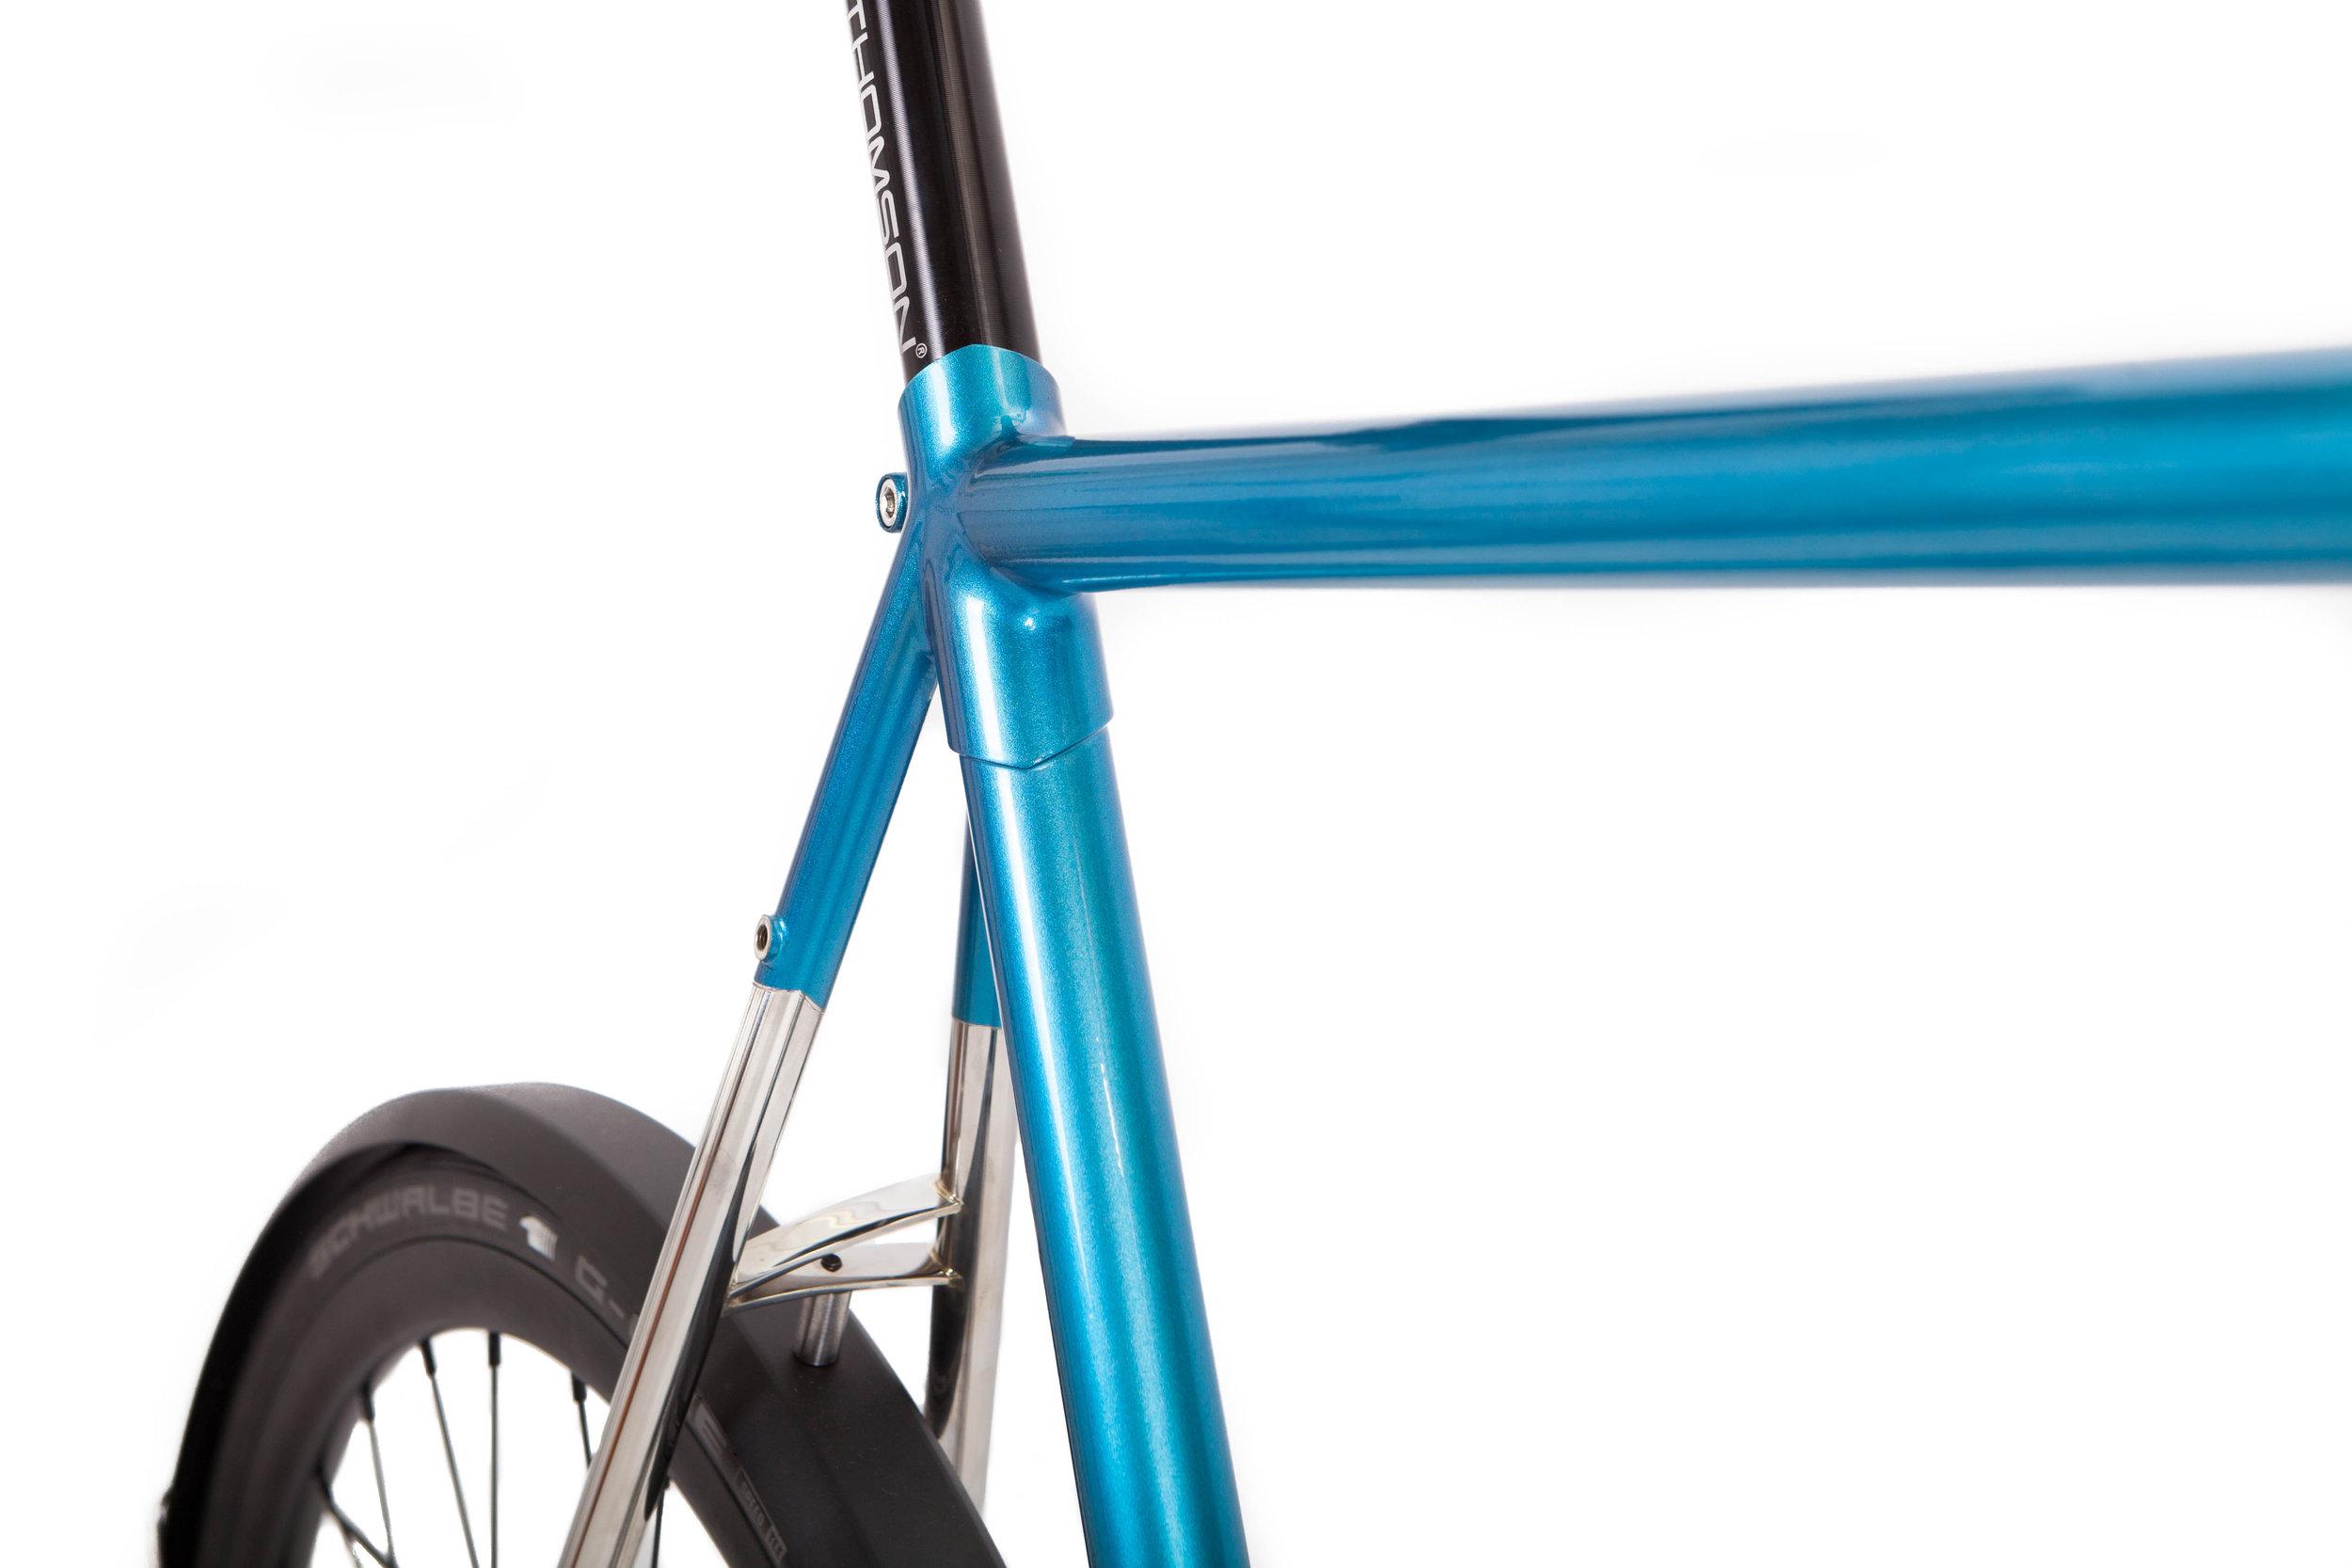 Jeremy Corbett Stainless Light Tourer seat cluster detail 2.jpg